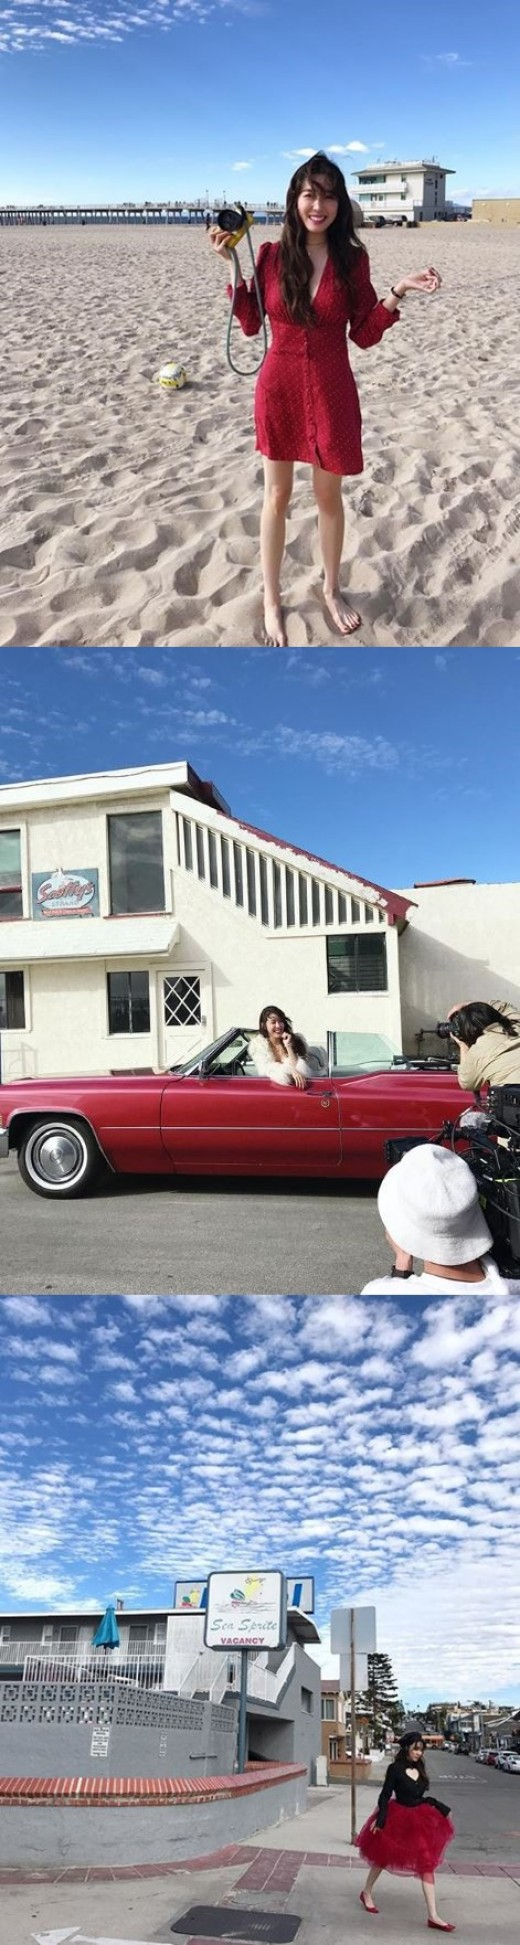 소녀시대 떠난 티파니, 美 캘리포니아서 화보 촬영 중_이미지